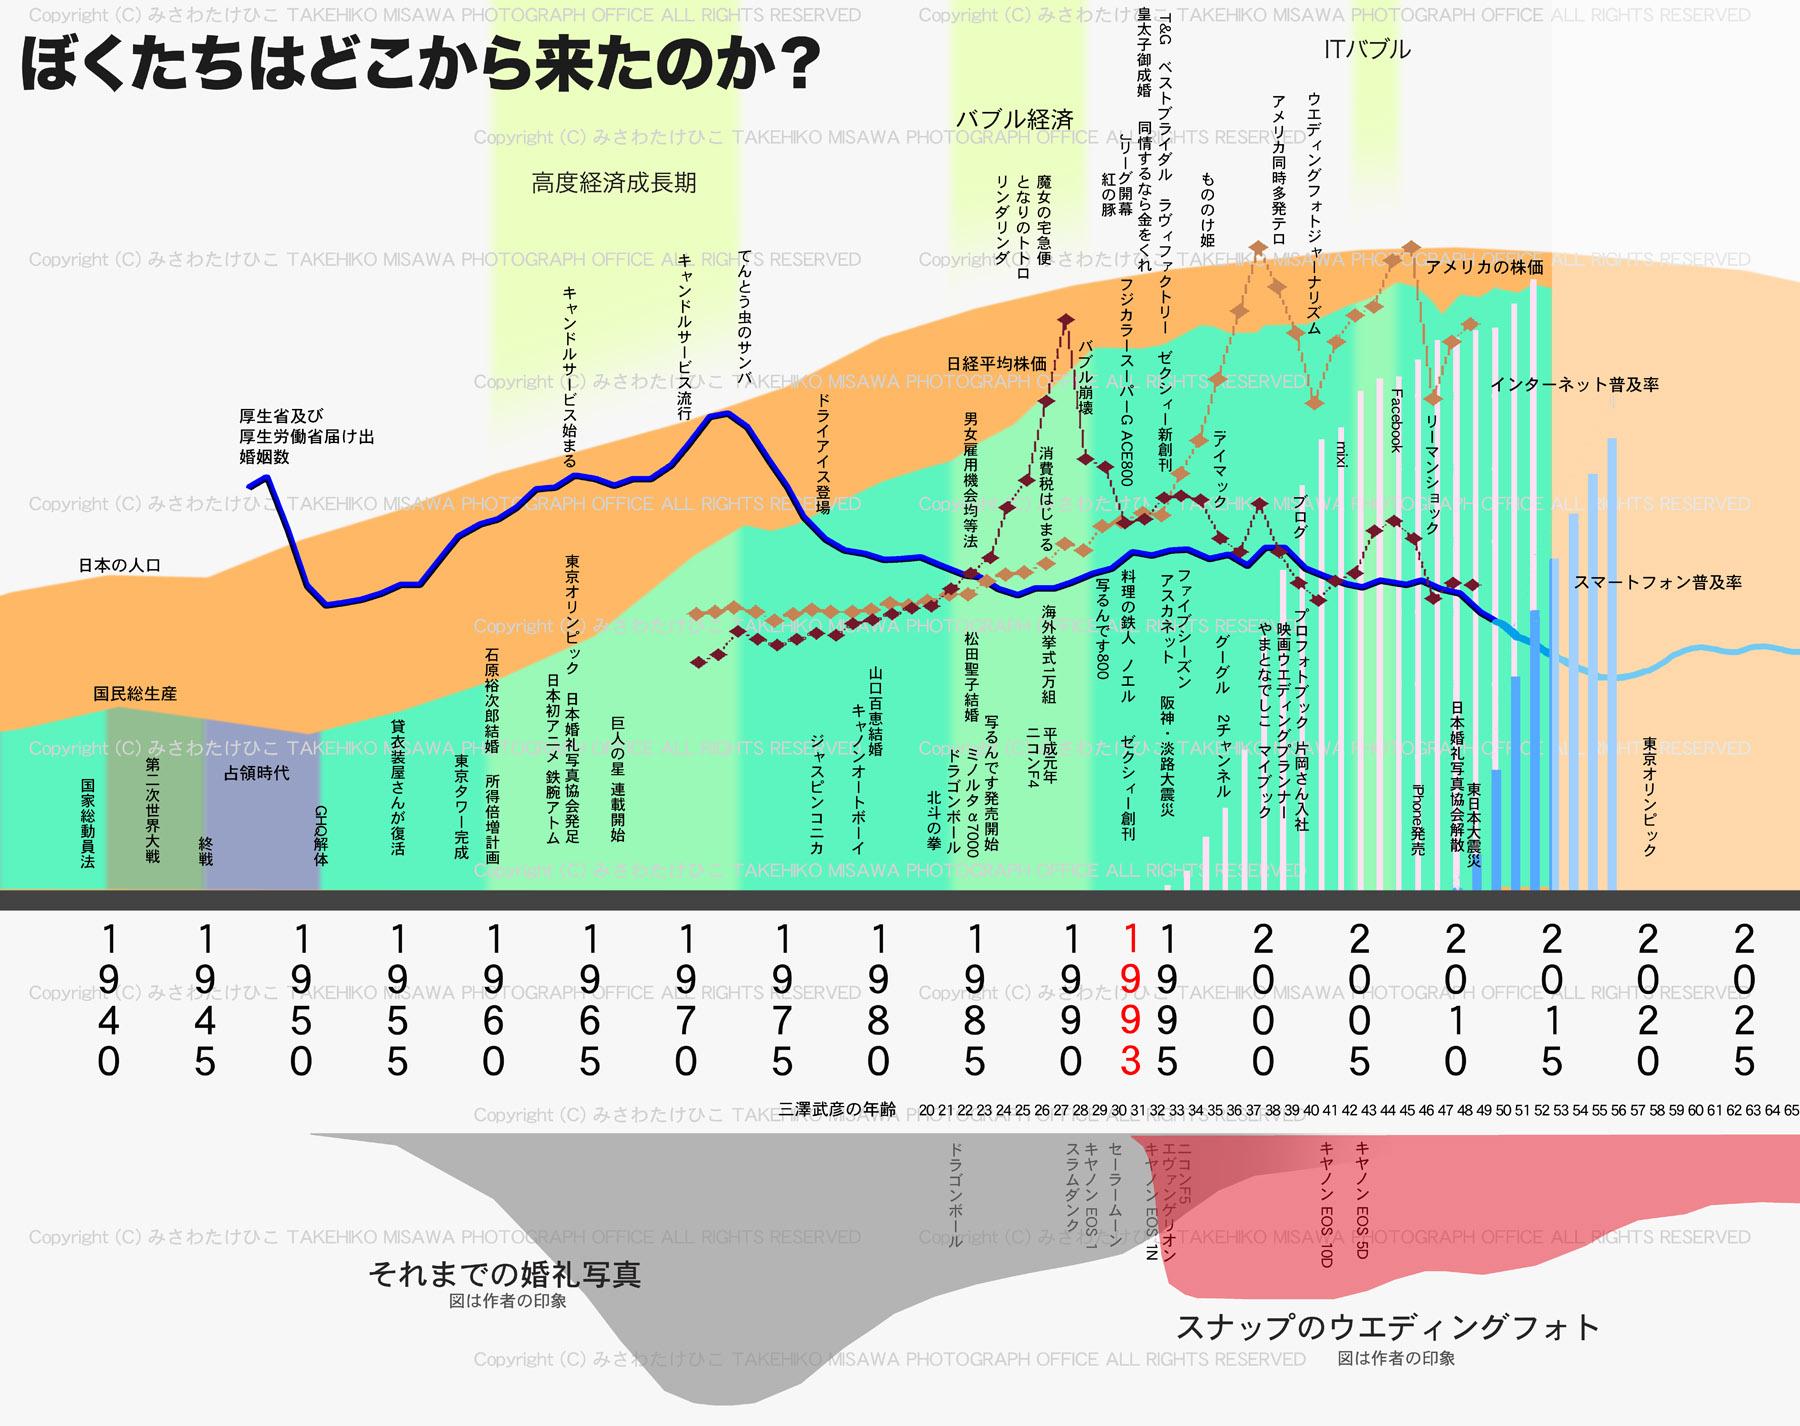 ぼくたちはどこから来たのか? 【日本の結婚写真ウエディングフォトの歴史】_a0120304_15535868.jpg